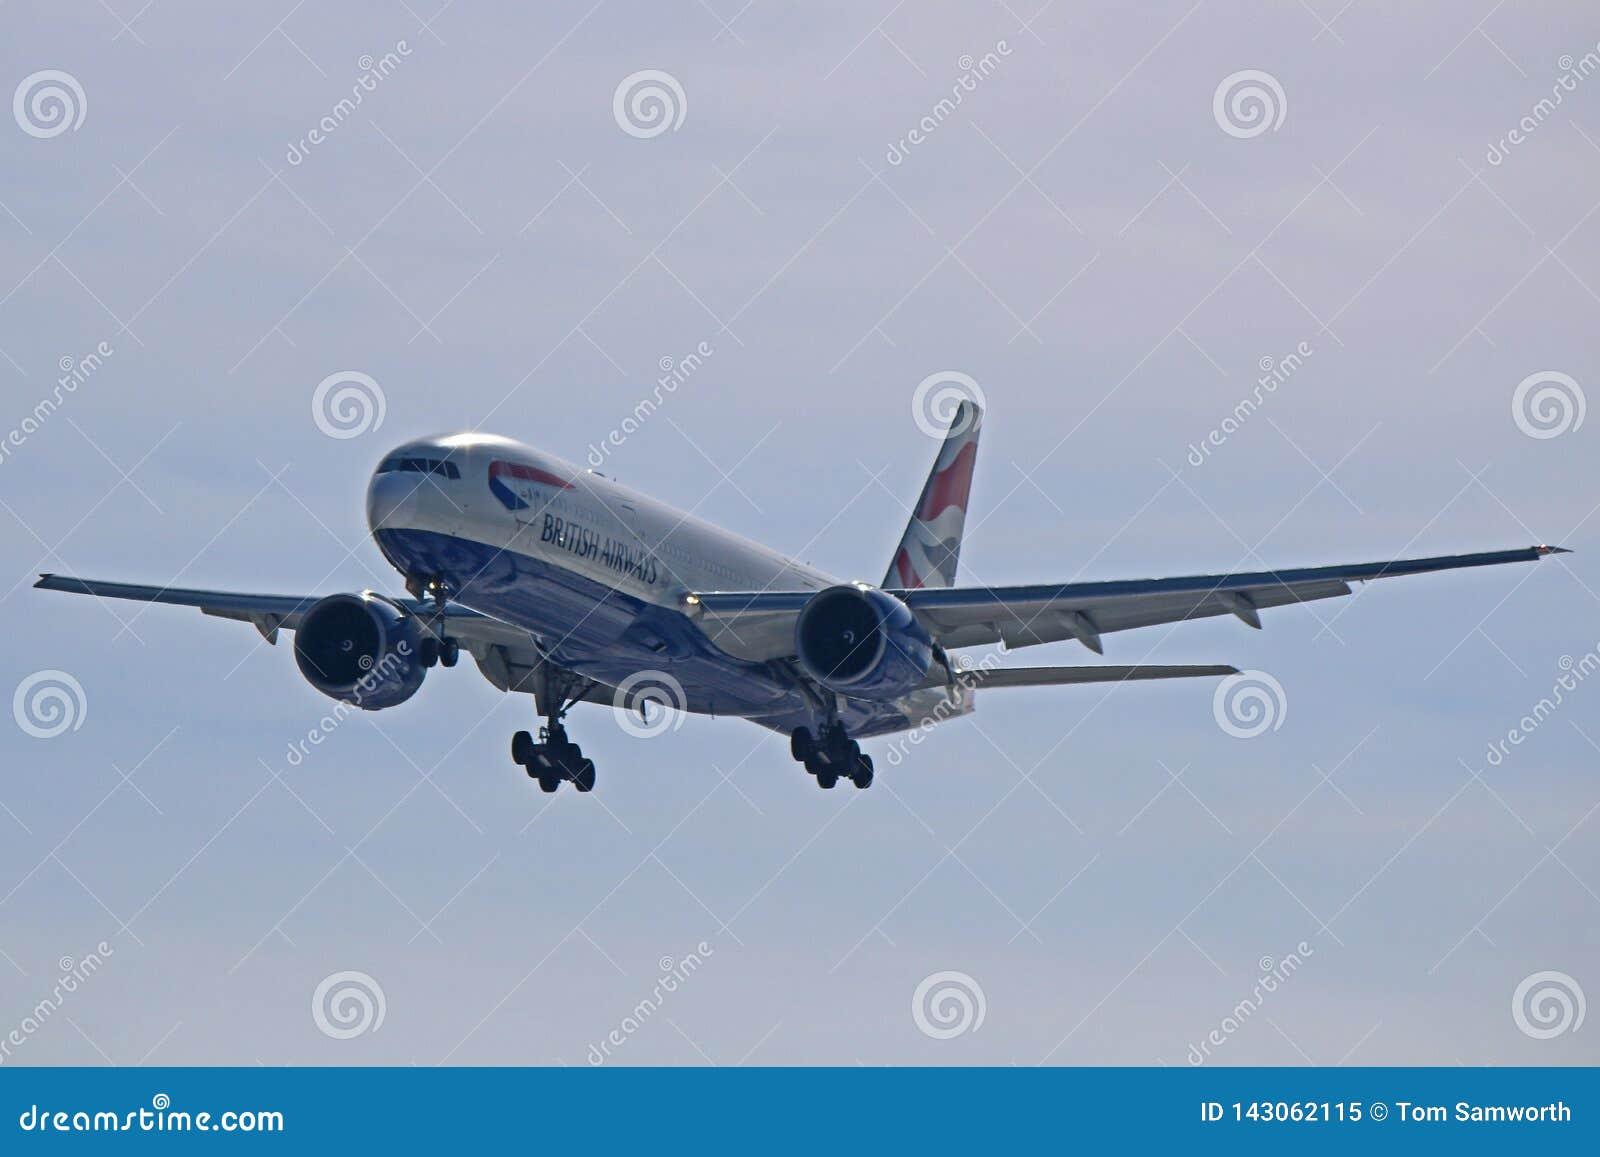 British Airways Boeing 777-200ER Front View